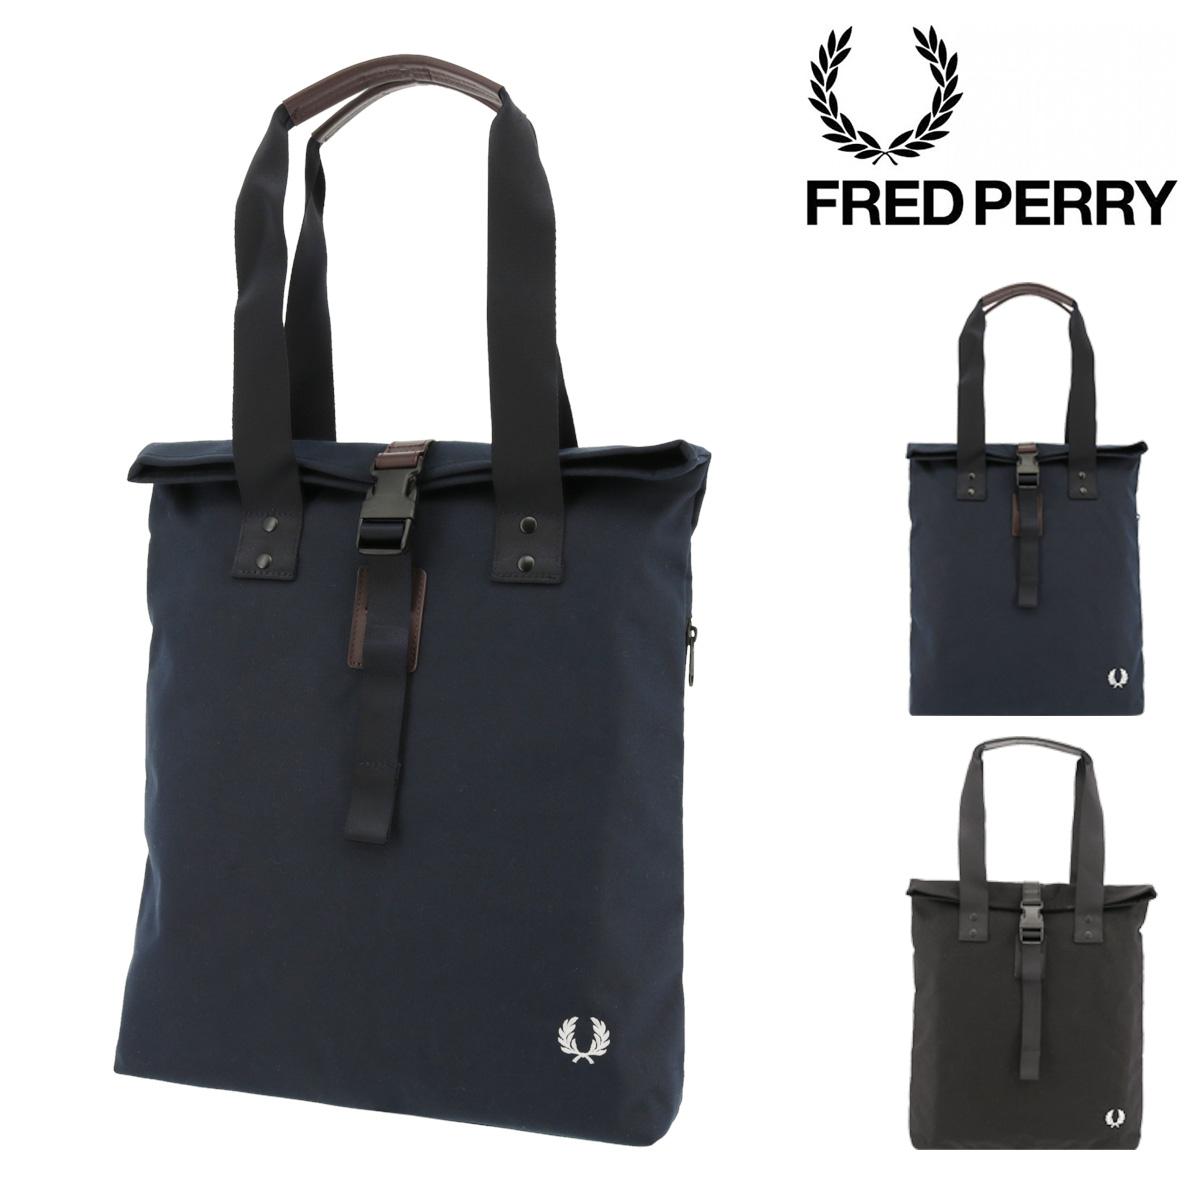 フレッドペリー トートバッグ A4 キャンバストートバッグ メンズ レディース F9586 FRED PERRY | 軽量 撥水[PO10][即日発送]